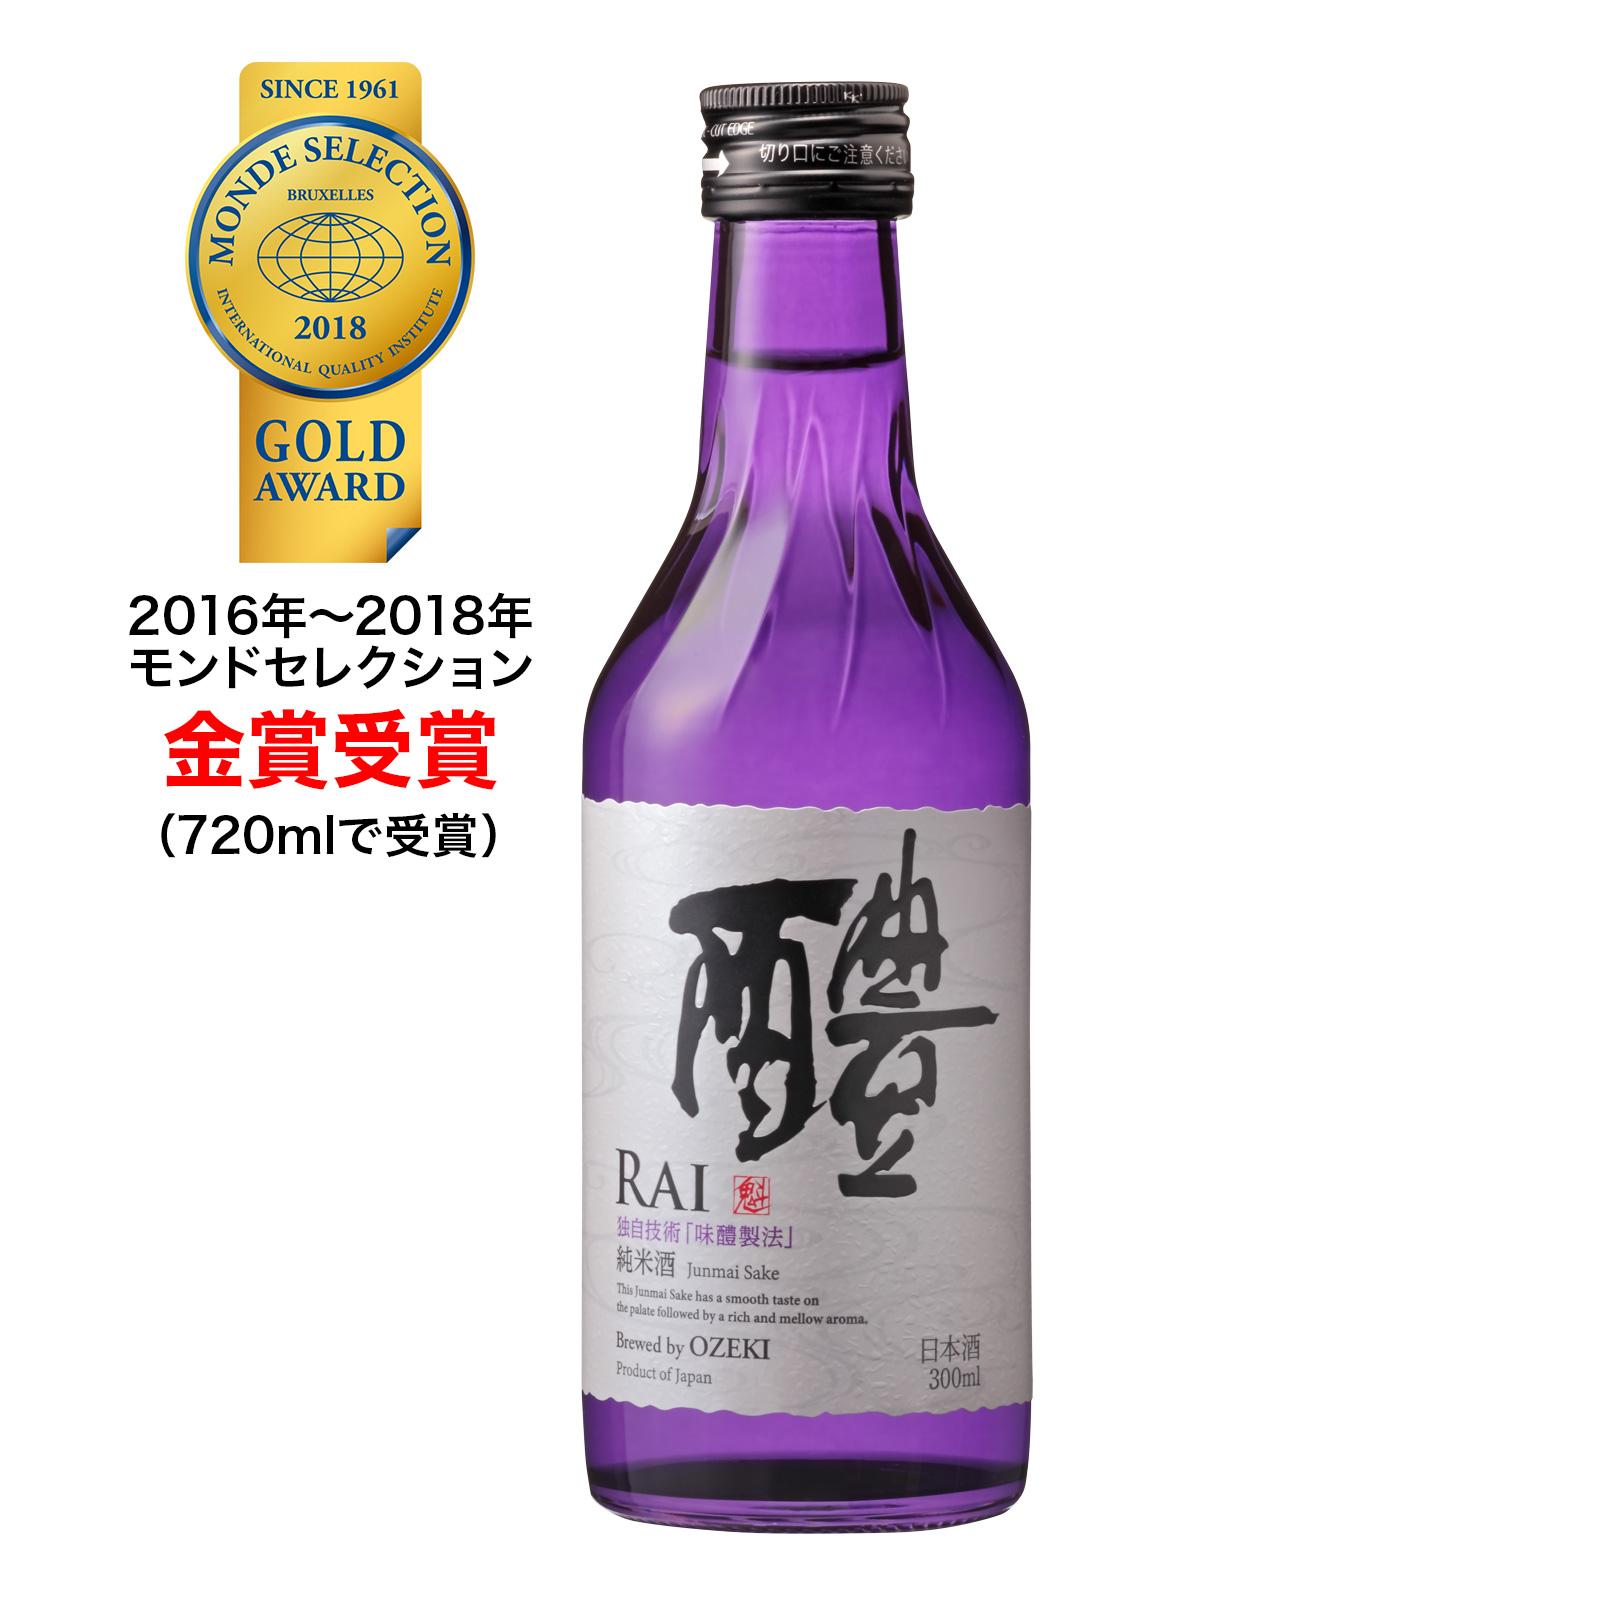 純米酒 醴(RAI)300ml×12本